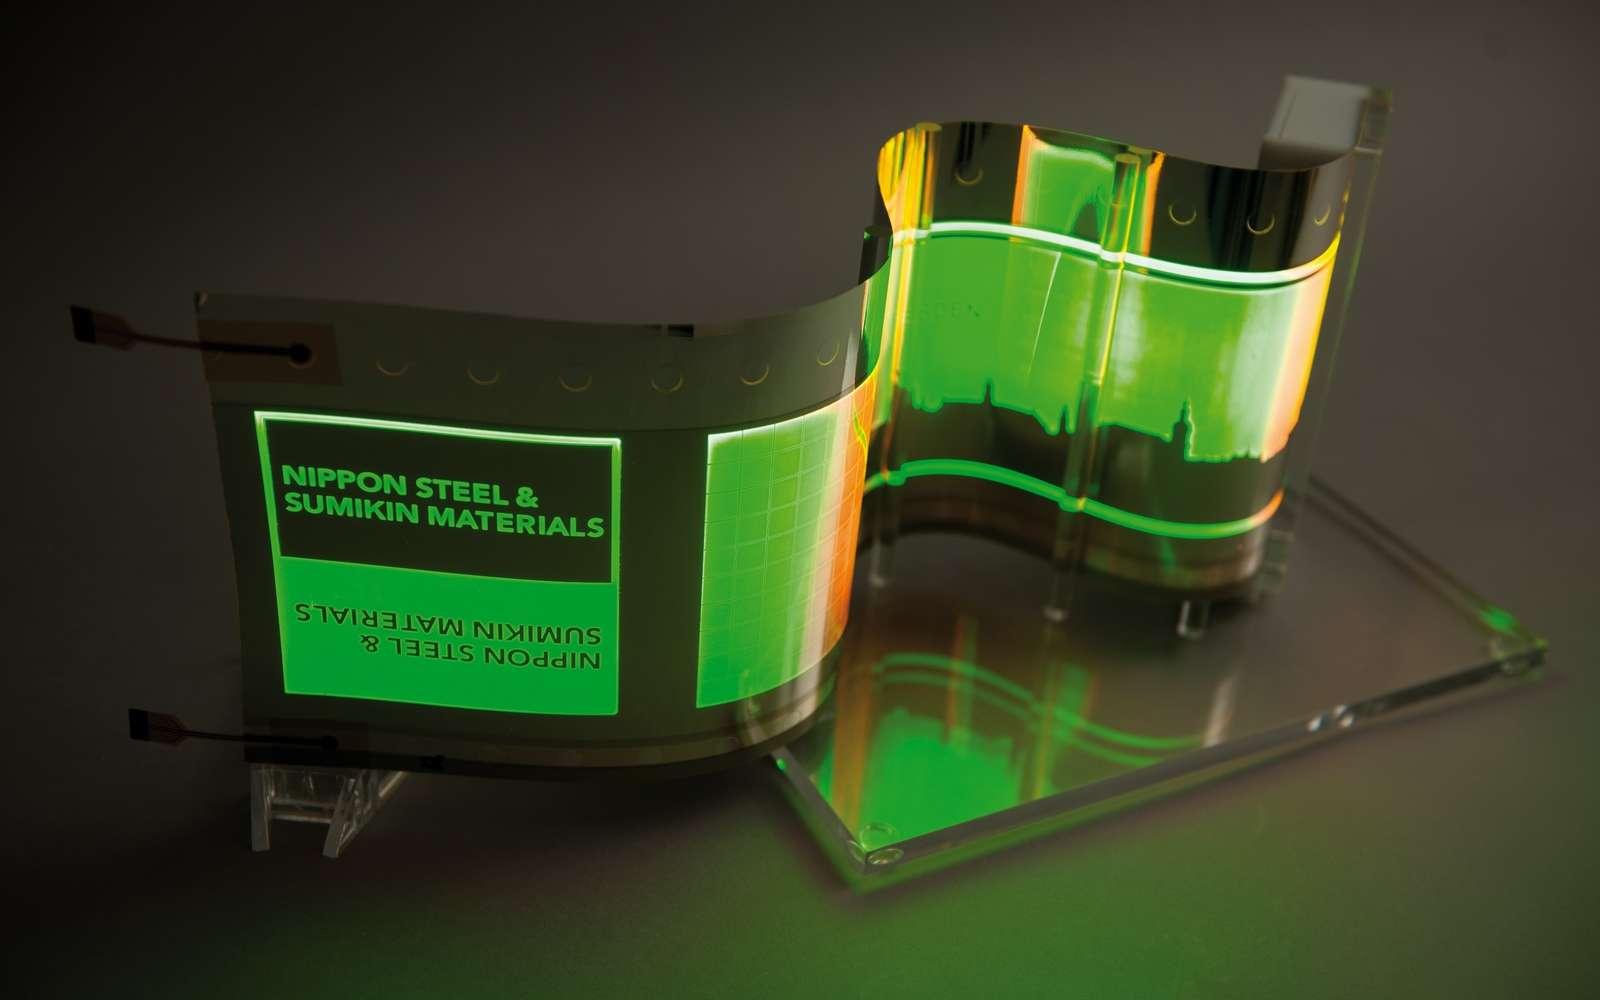 Un exemple d'écran Oled qui utilise une feuille d'inox de quelques nanomètres d'épaisseur comme substrat. © Fraunhofer FEP